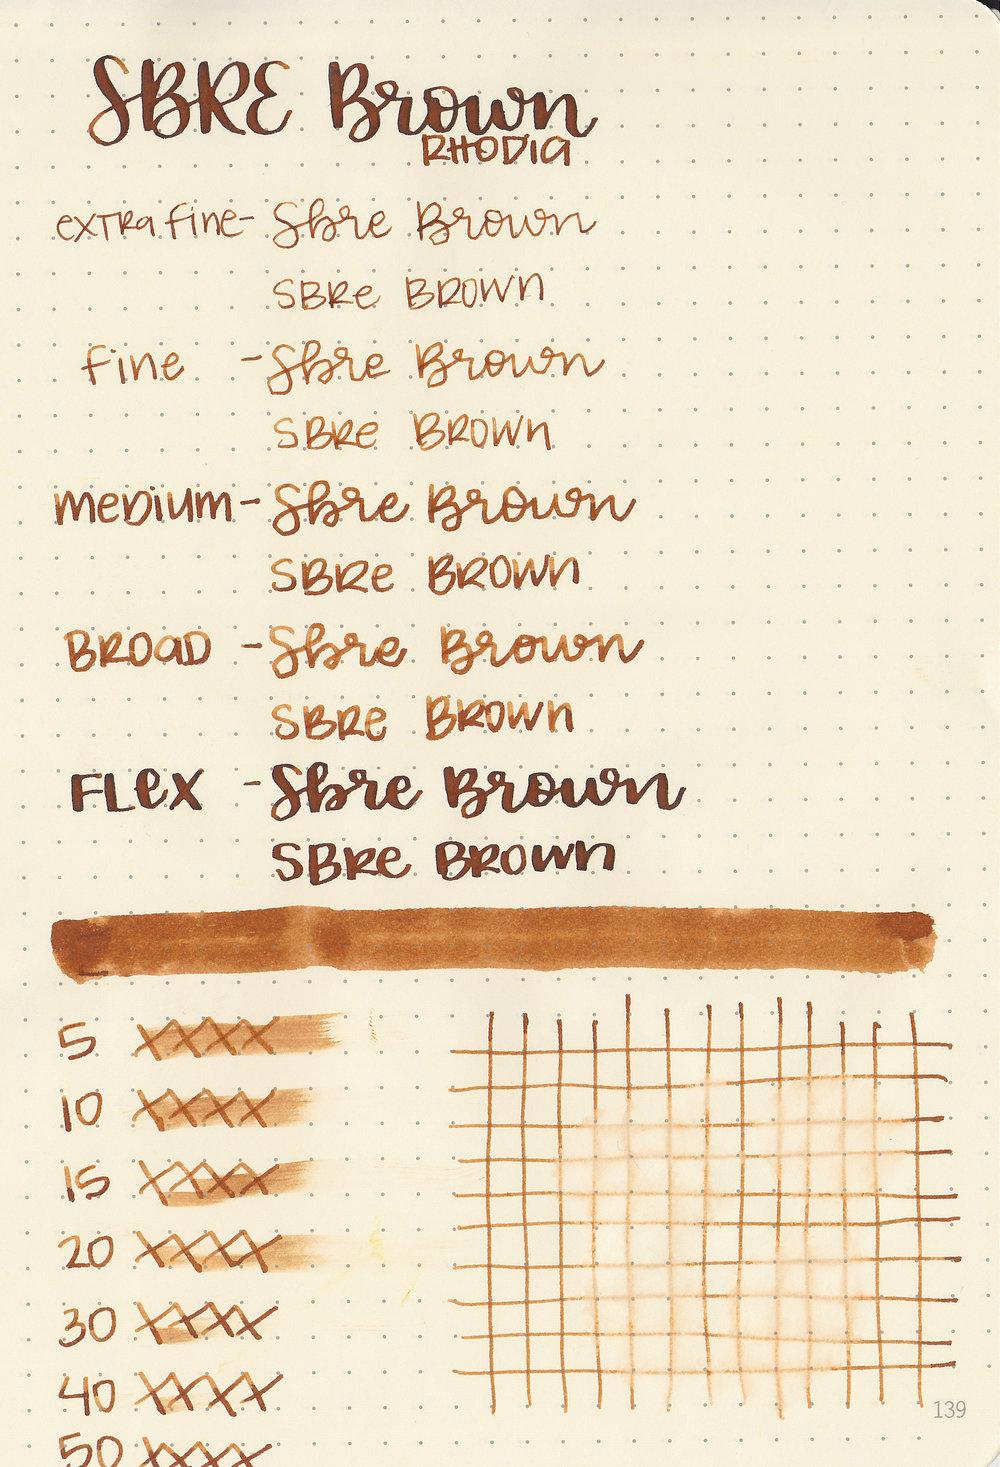 sbre-brown-4.jpg